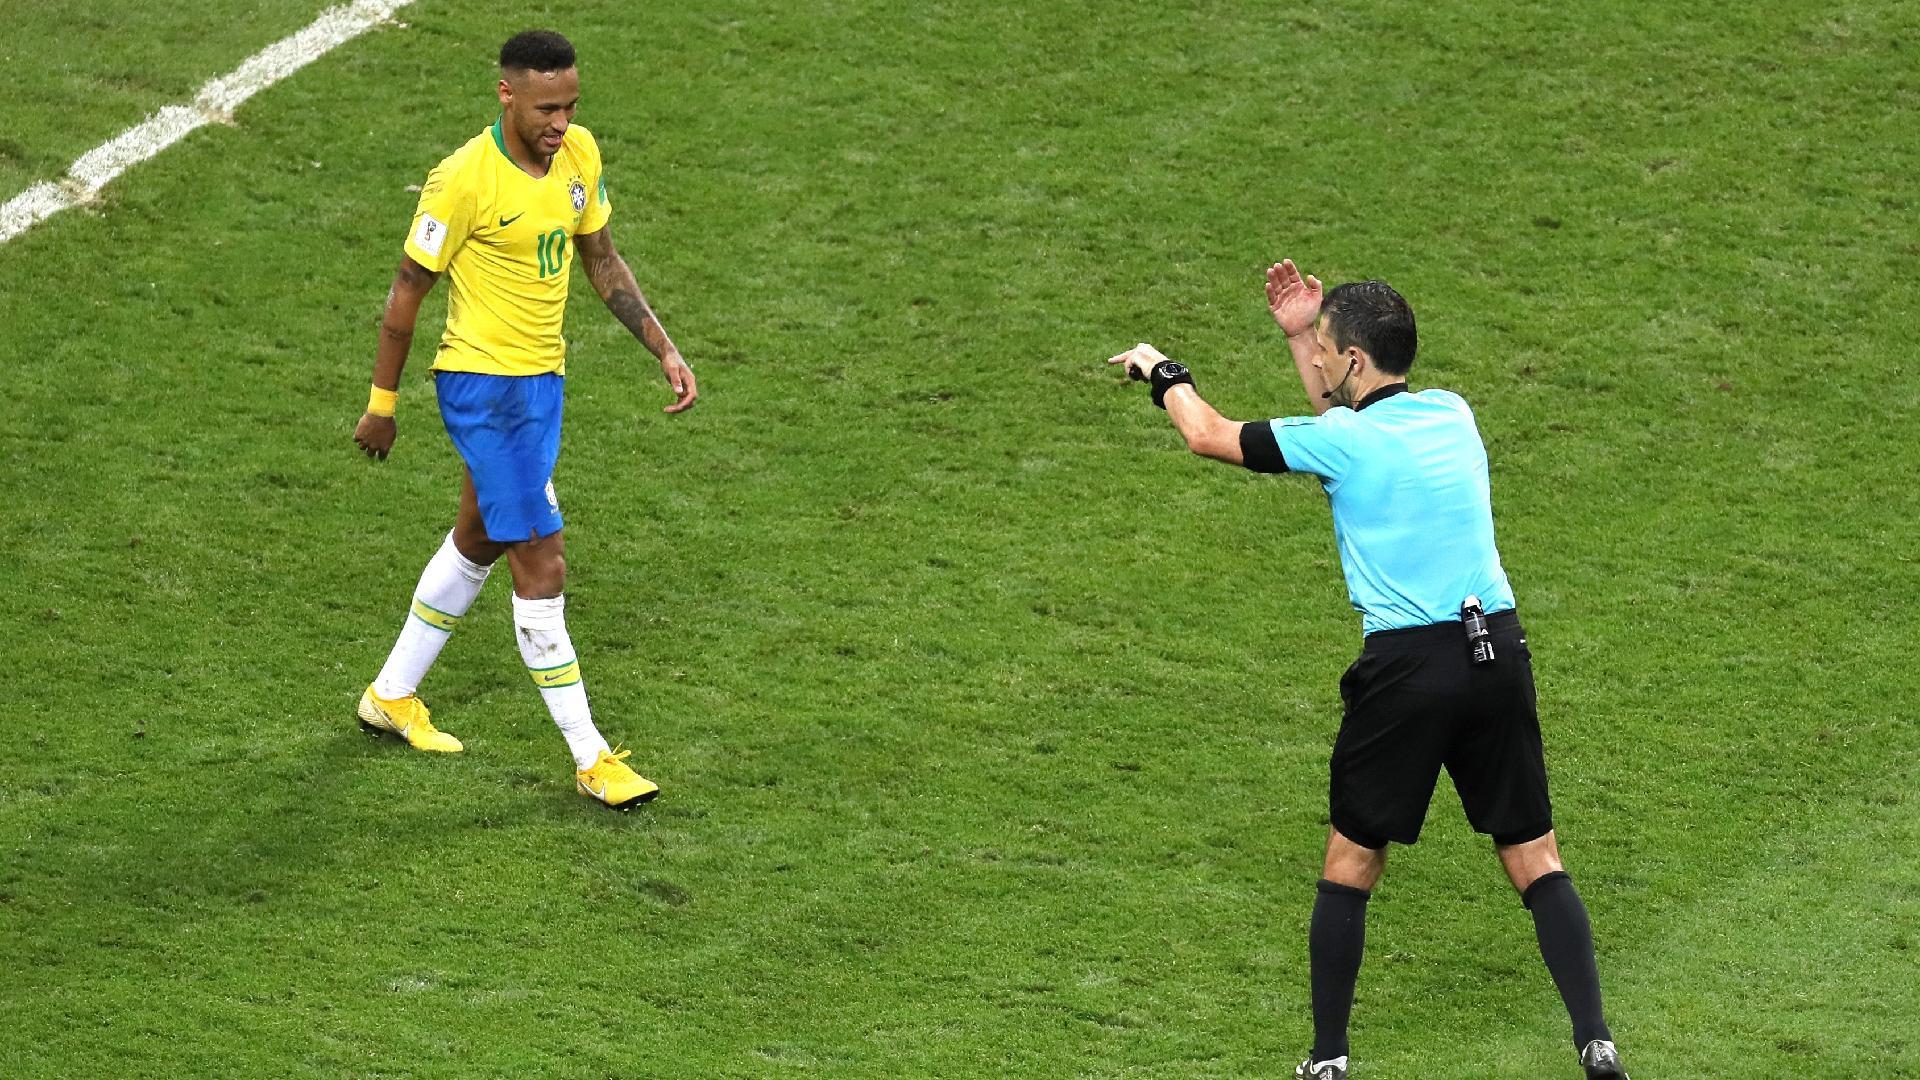 Juiz Milorad Mazic sinaliza para Neymar que é para o jogo entre Brasil e Bélgica seguir